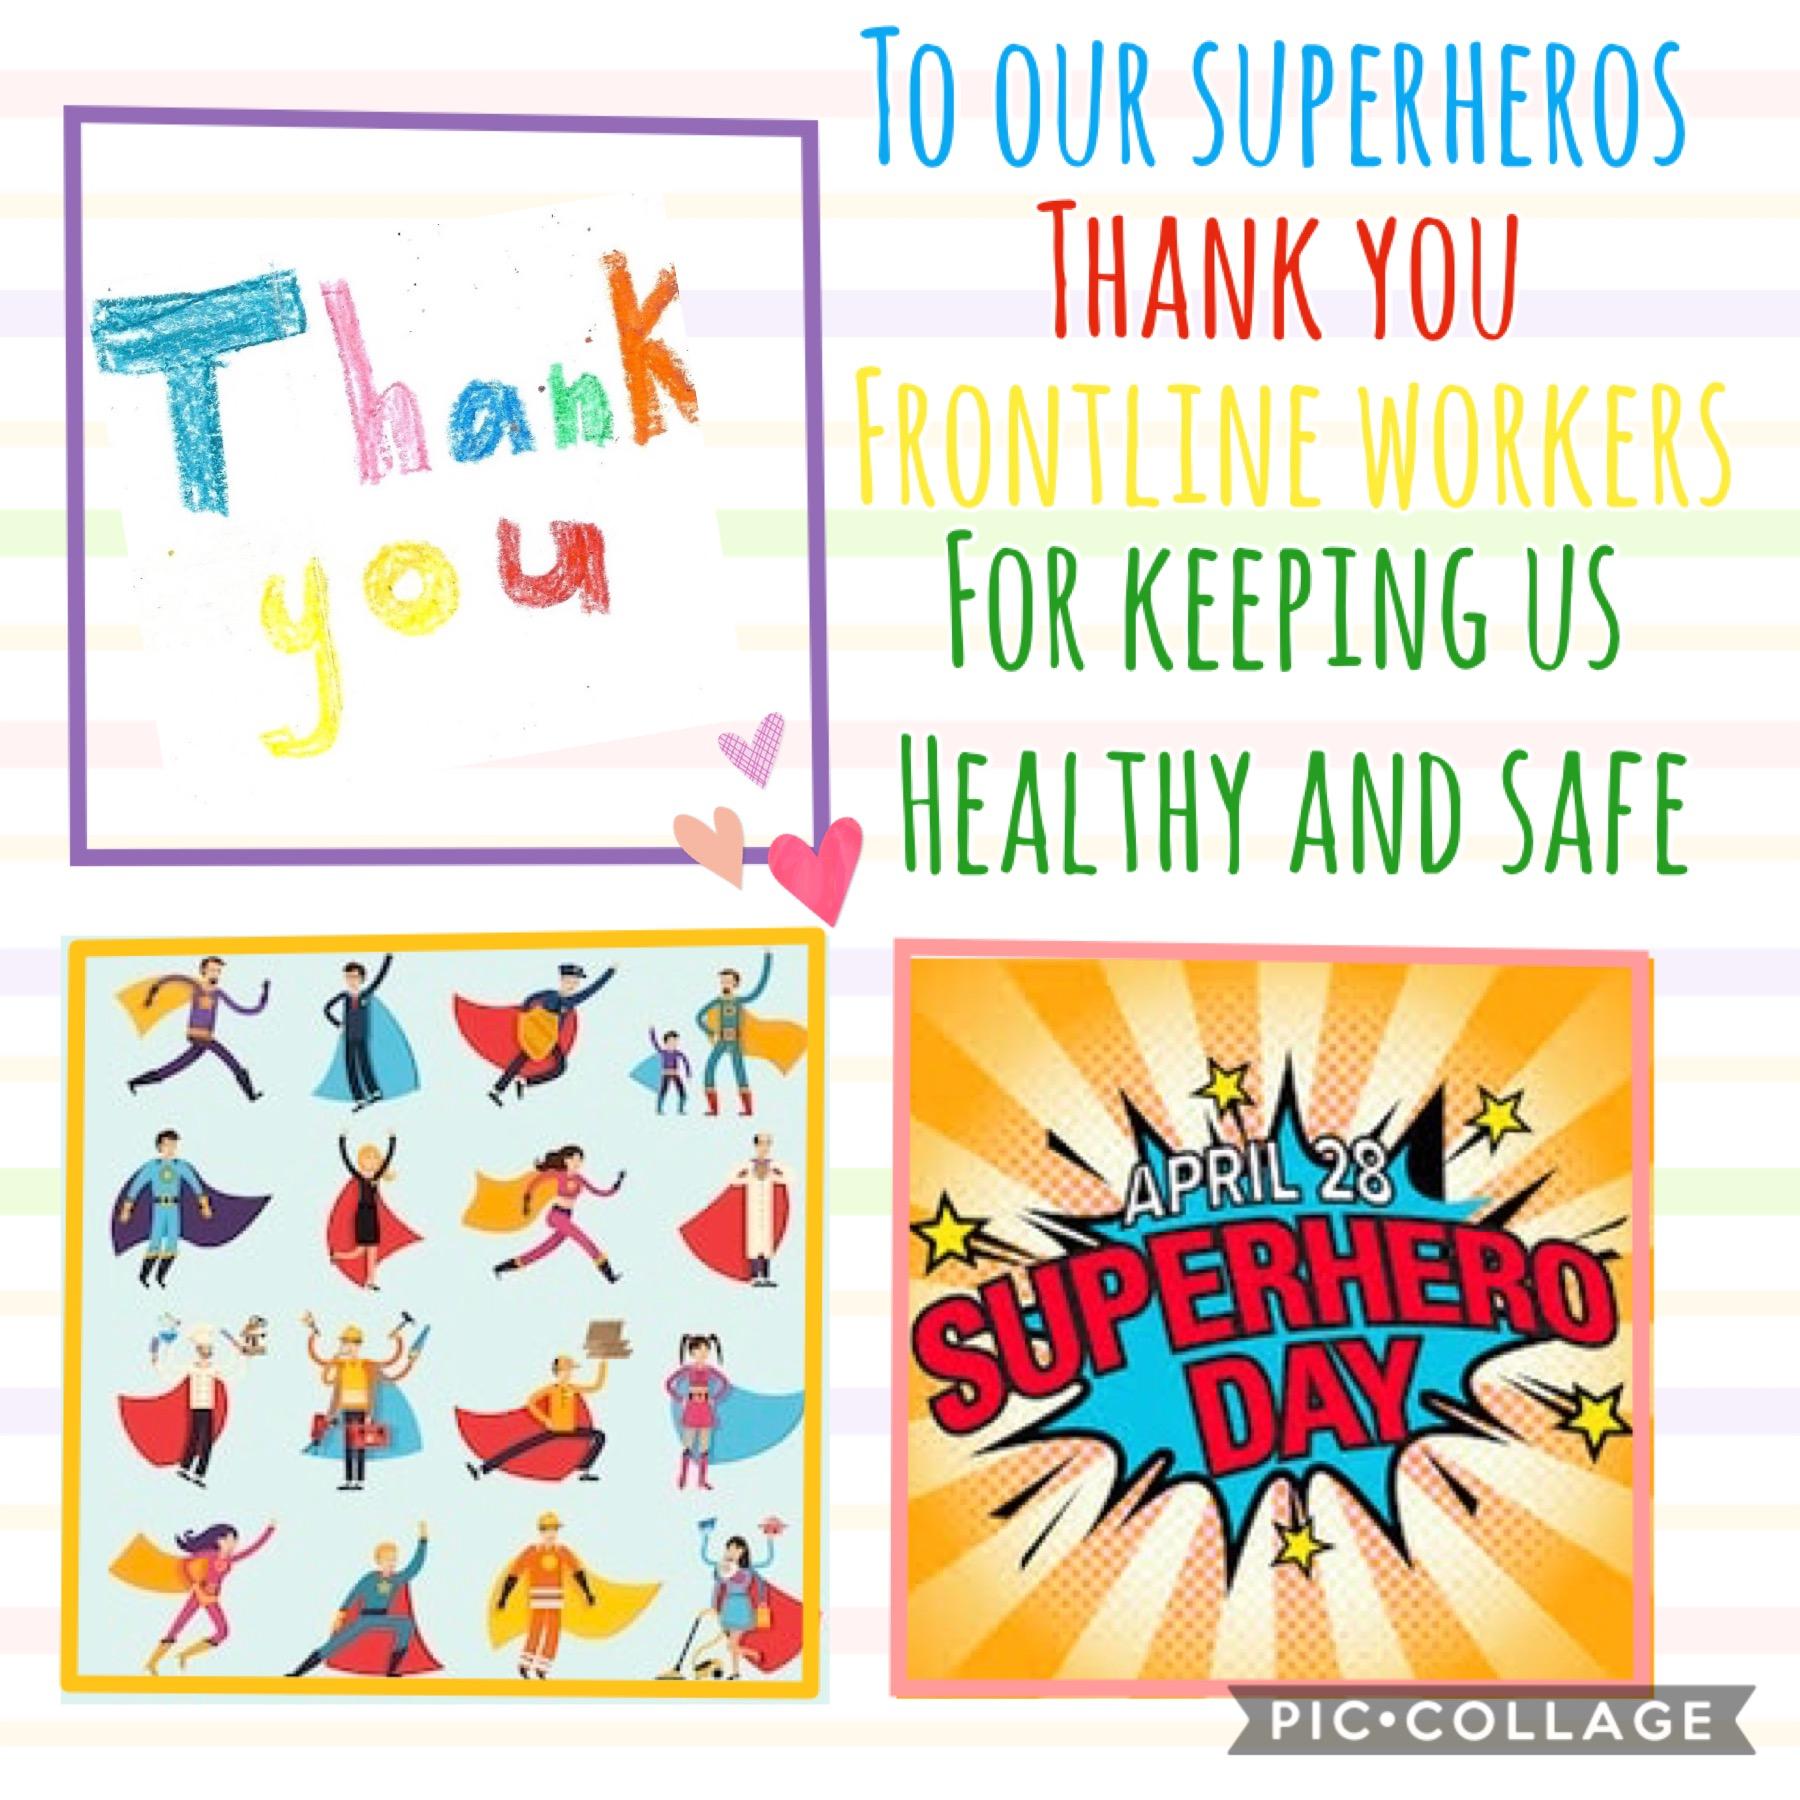 Happy Superhero Day!